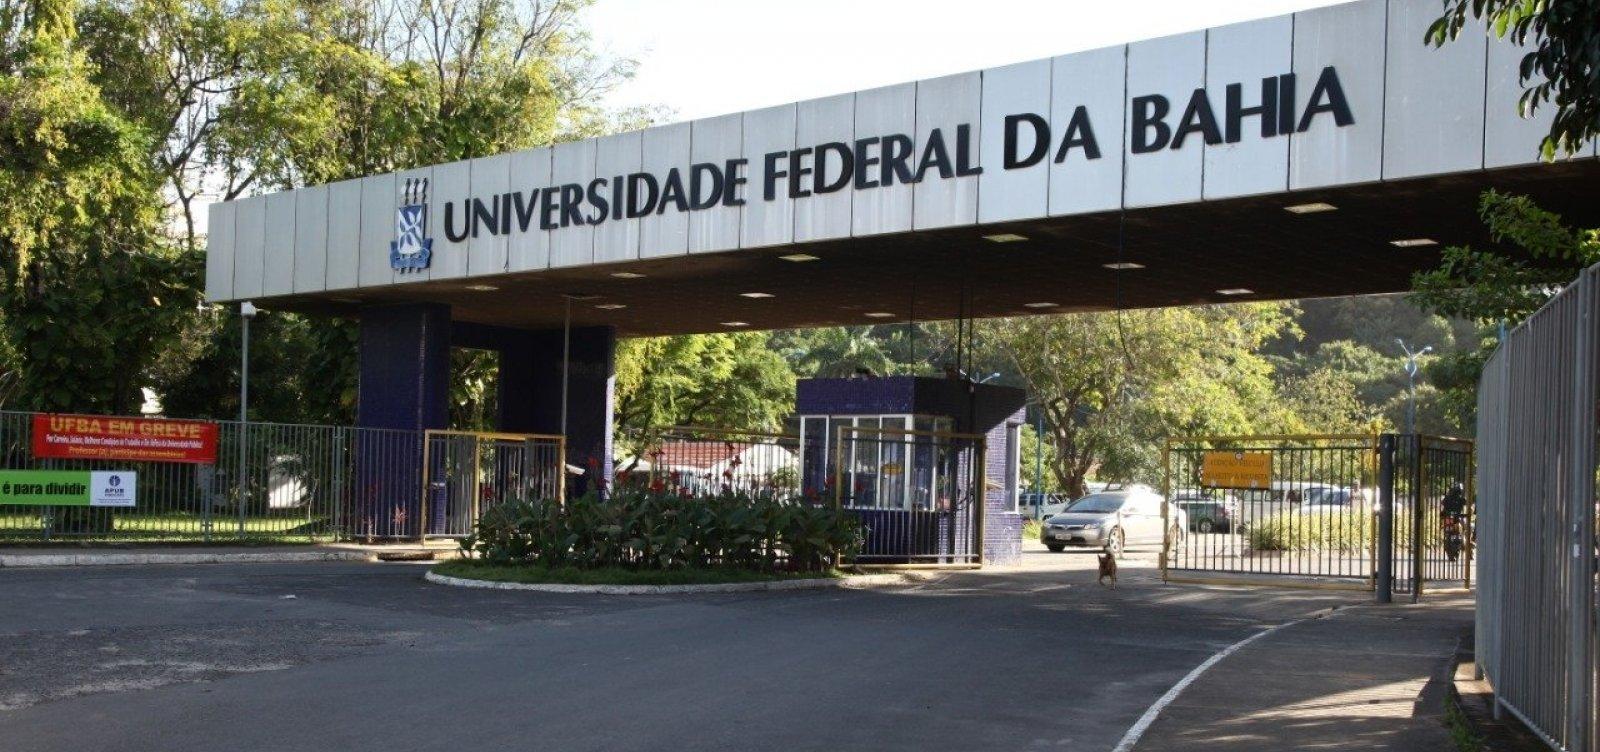 [Ufba repudia violência contra professores, alunos e servidores em campi]